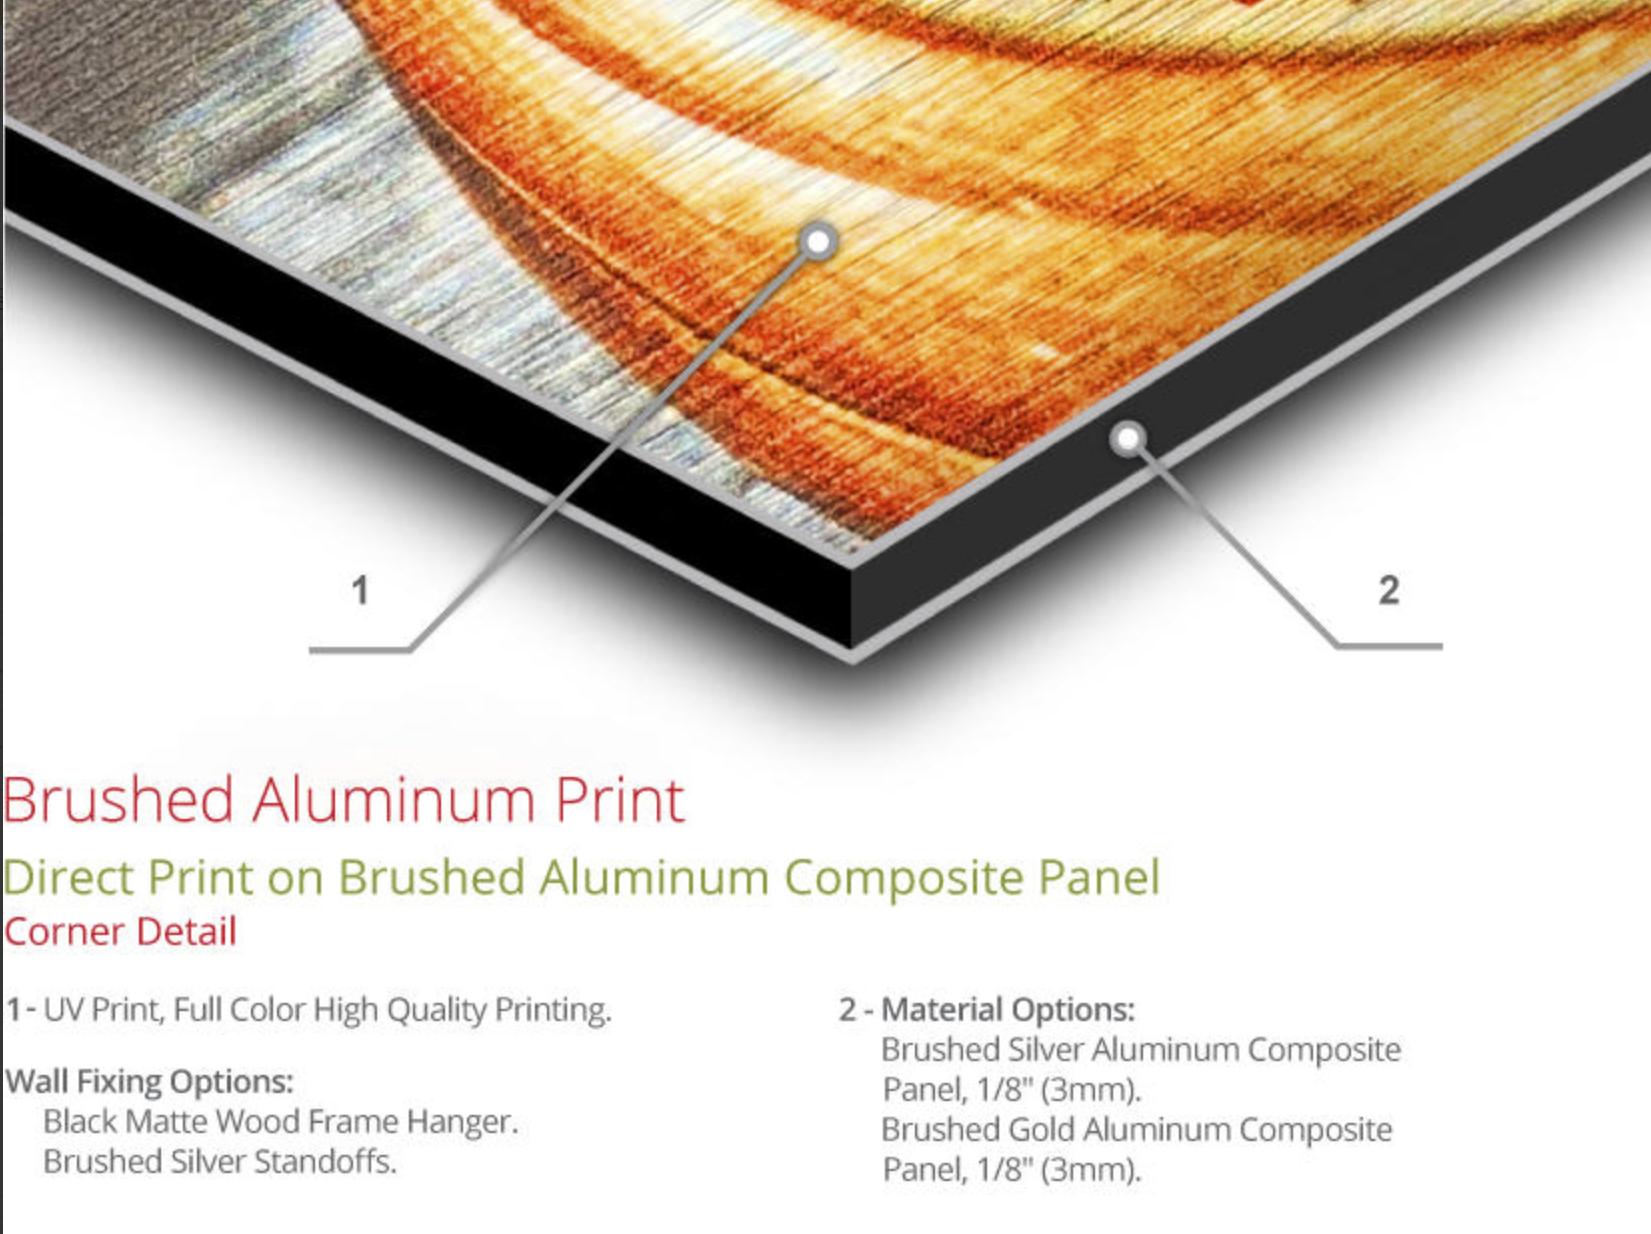 Brushed Metal Prints